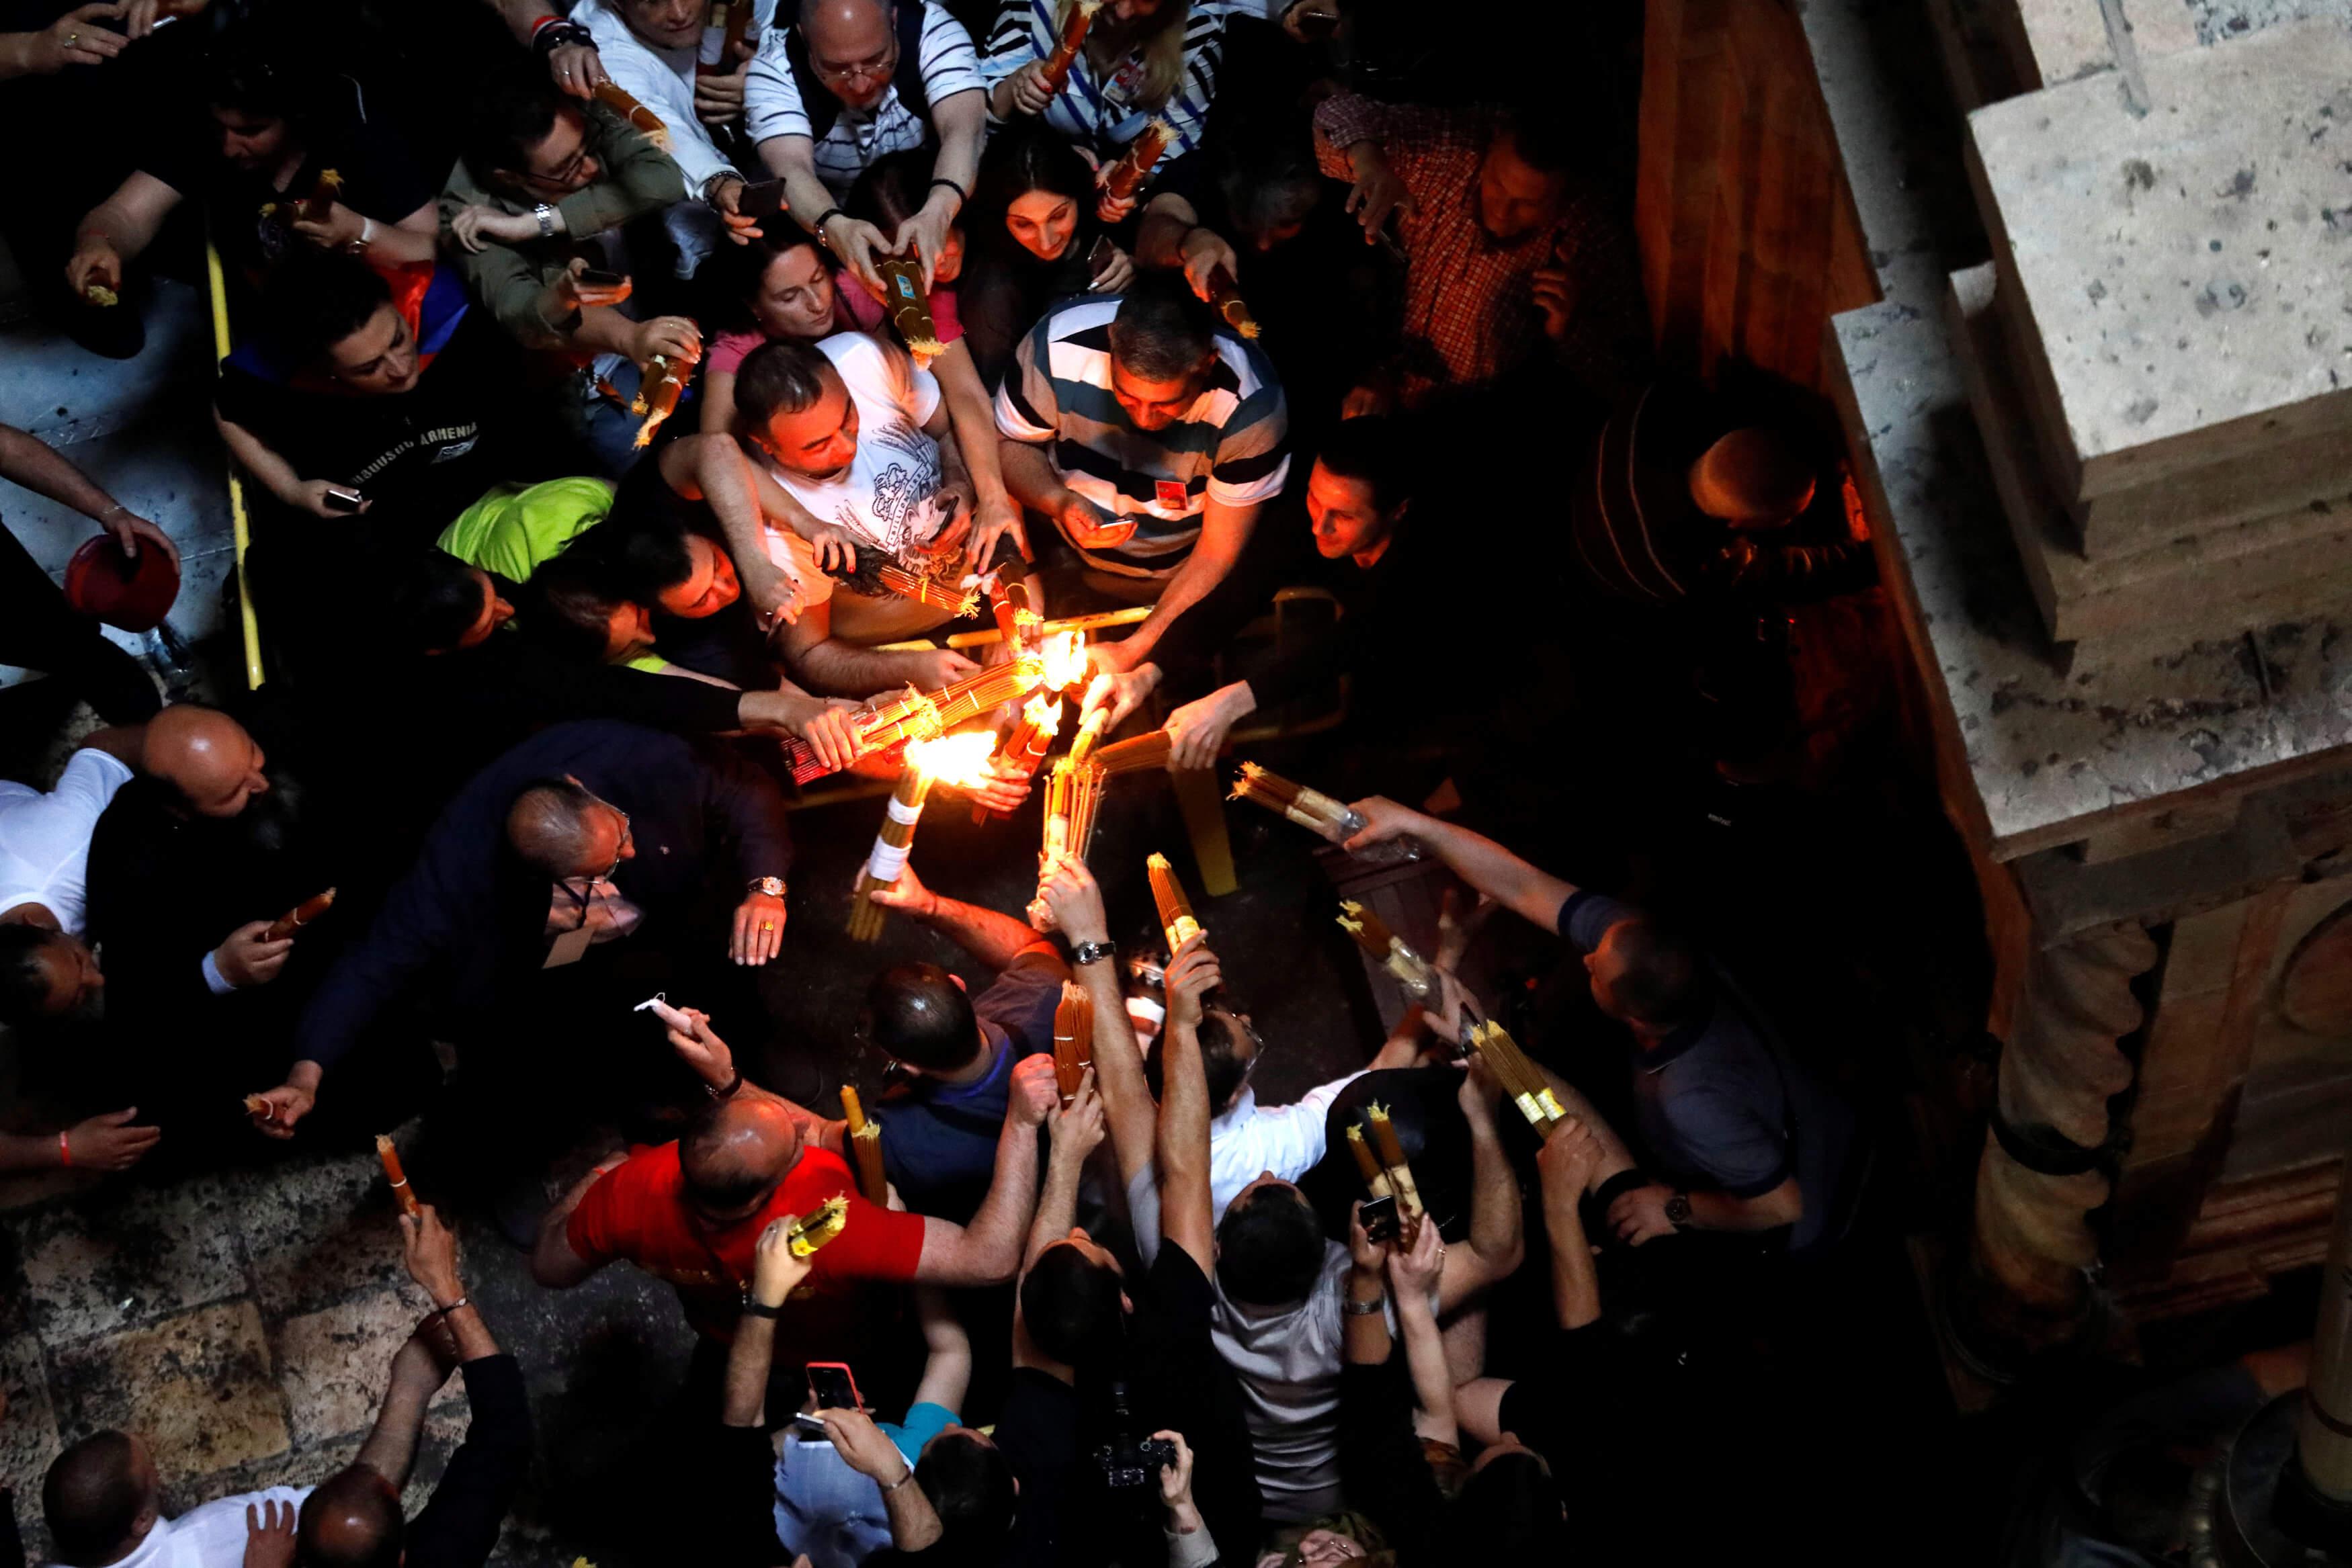 Άγιο Φως: Με μεγάλη καθυστέρηση η άφιξη – Στο αεροδρόμιο της Ελευσίνας η υποδοχή